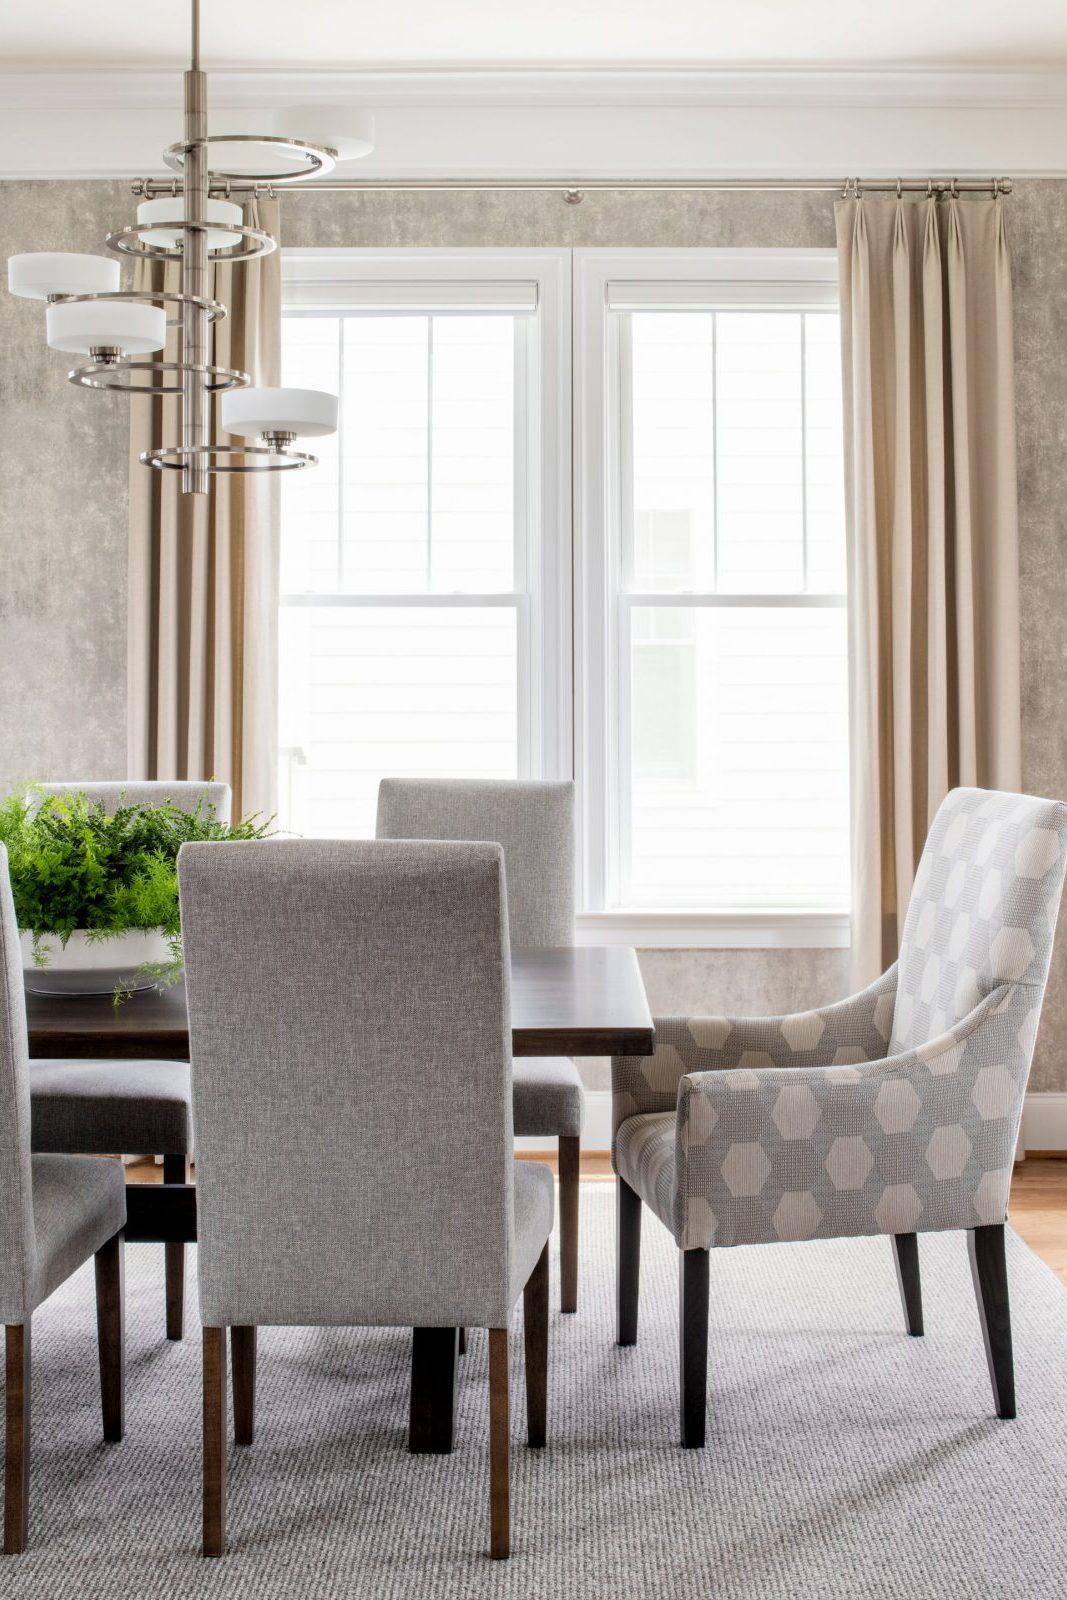 ashburn-va-home-dining-room